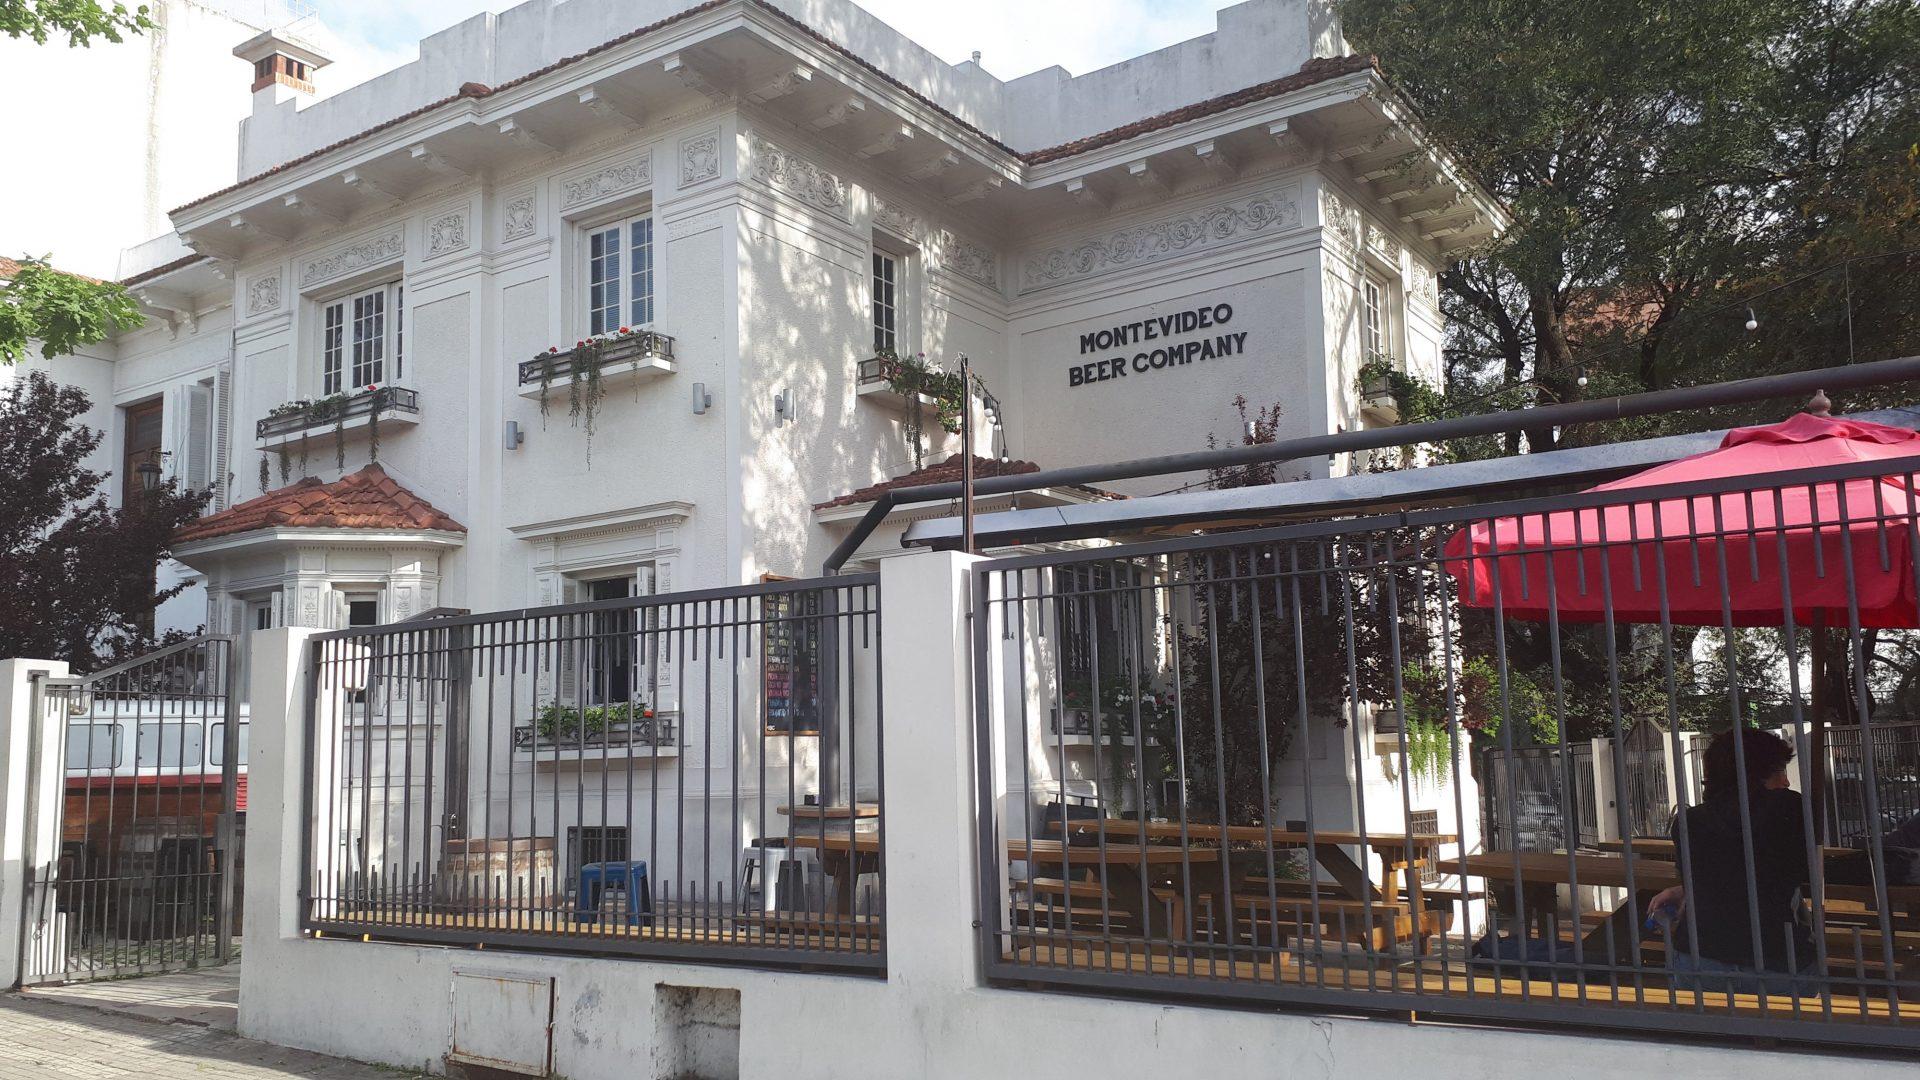 Fachada de Montevideo Beer Company